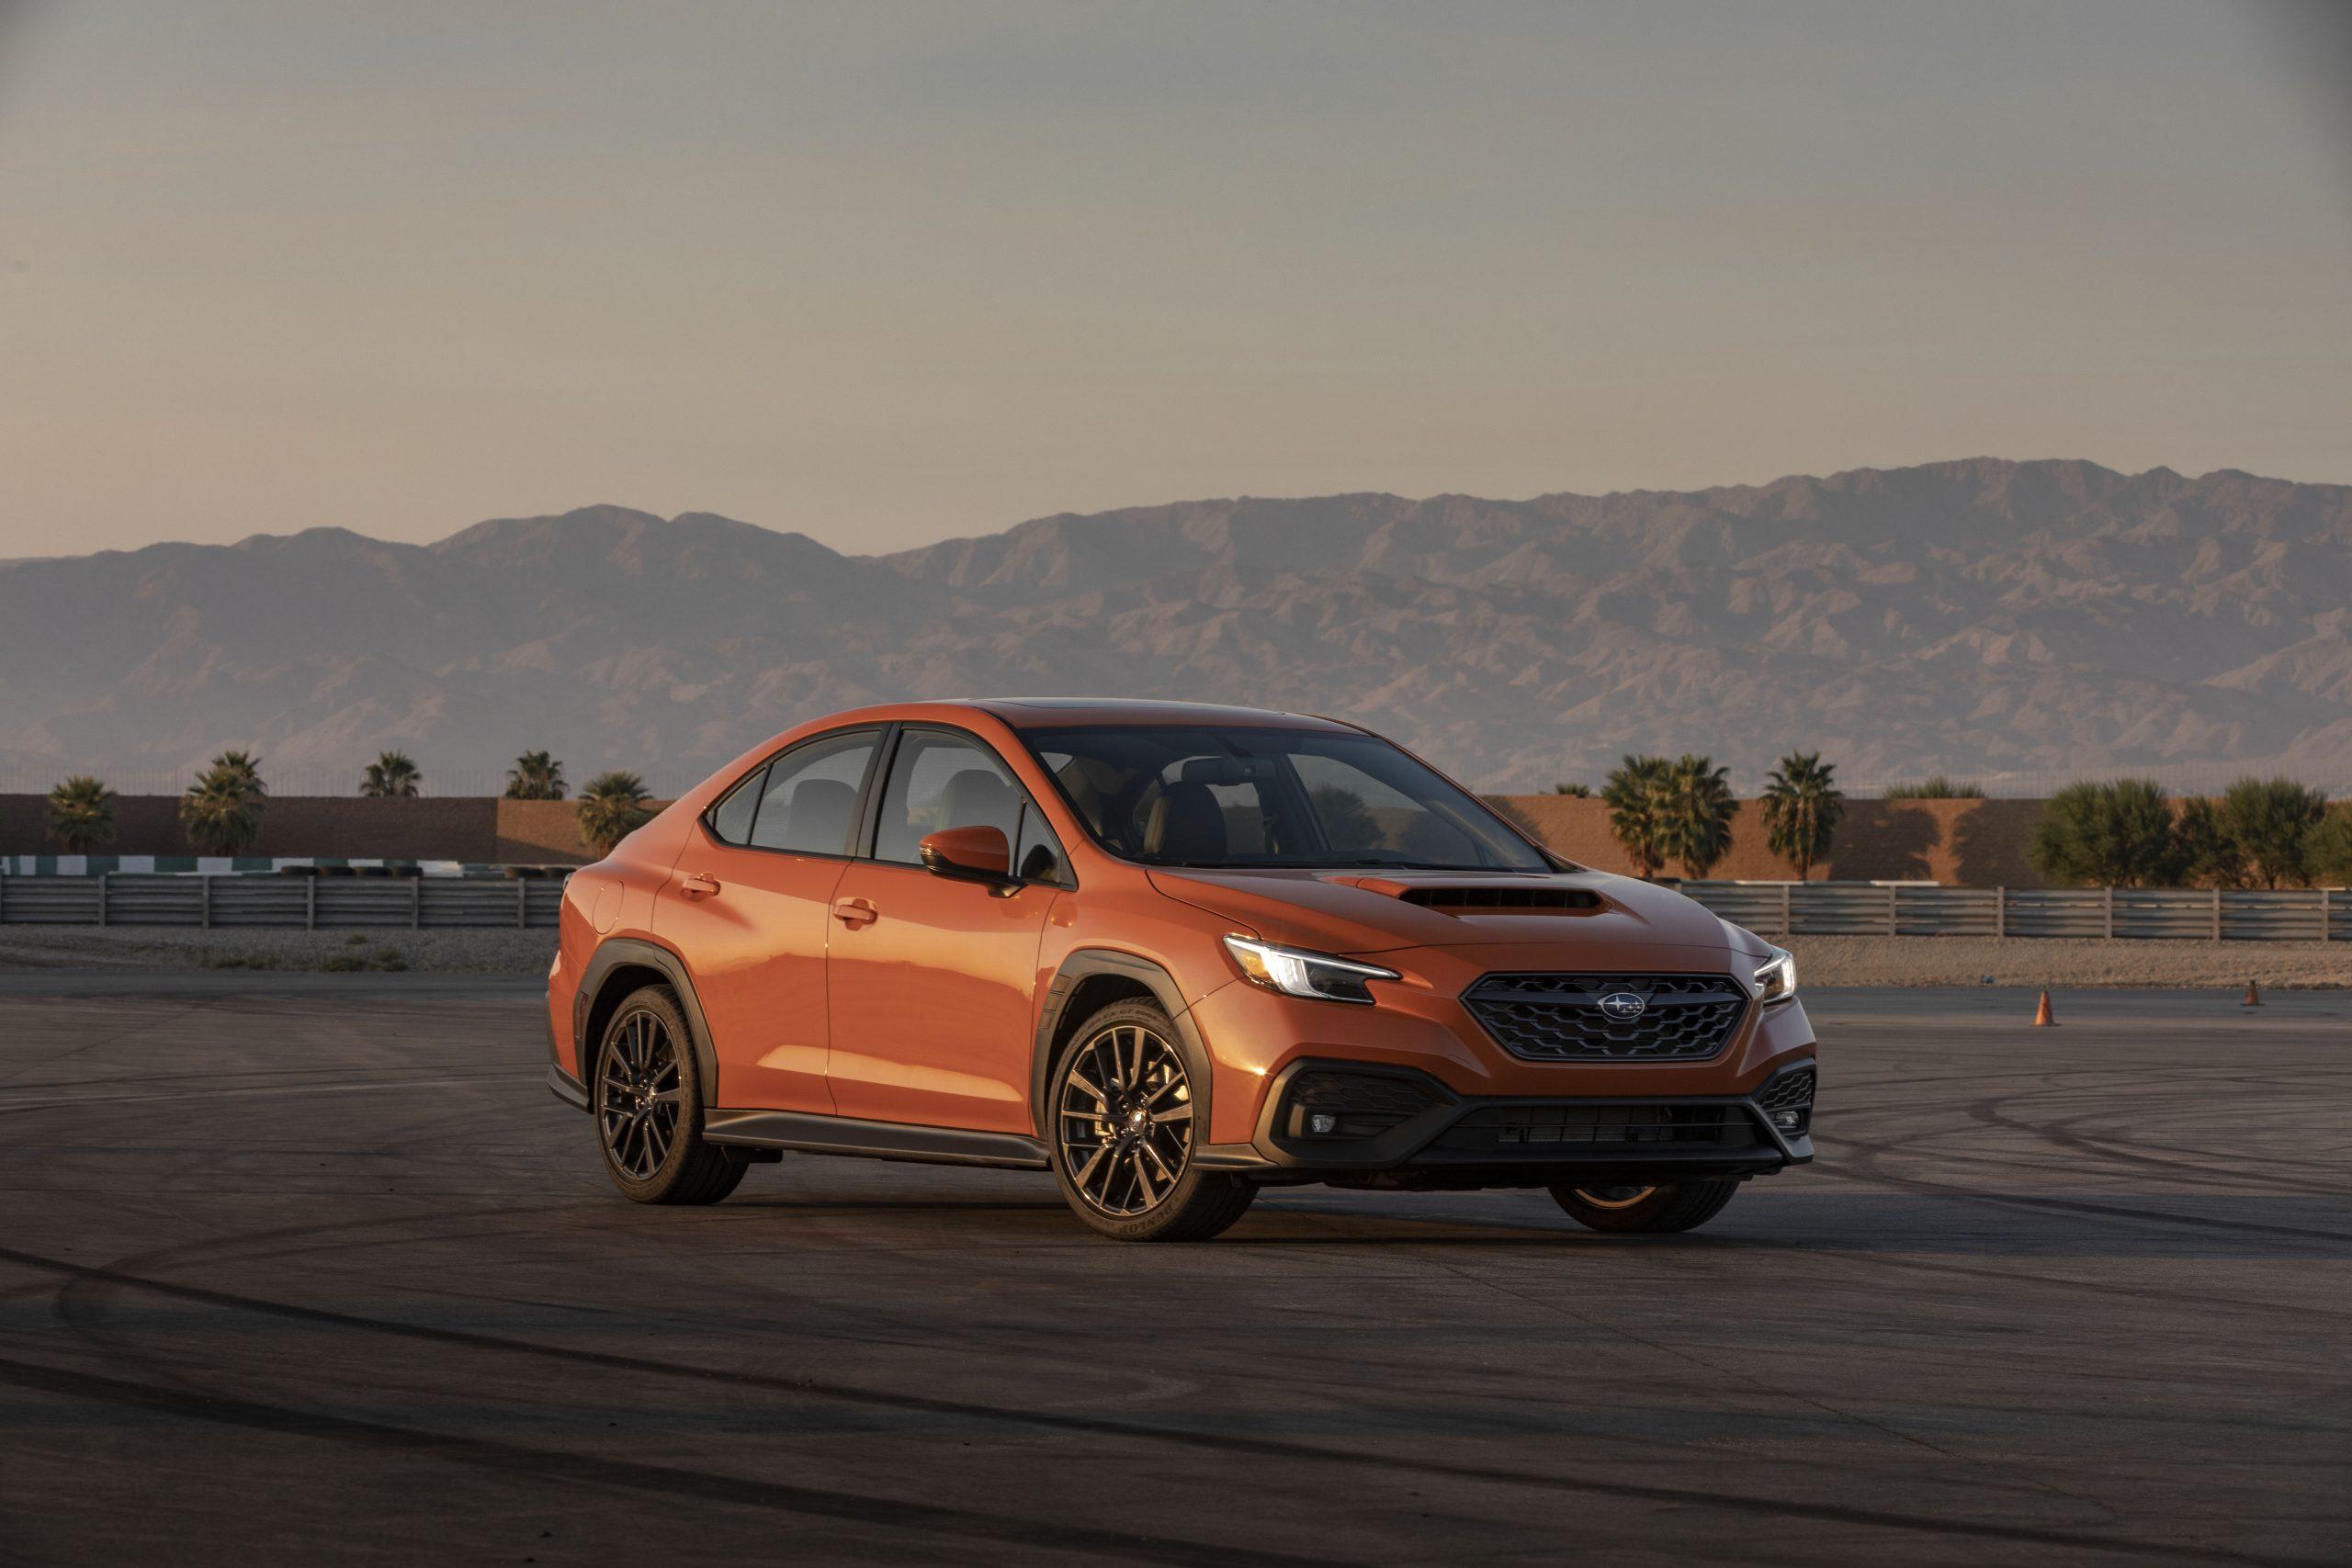 2022 Subaru WRX orange front three-quarter